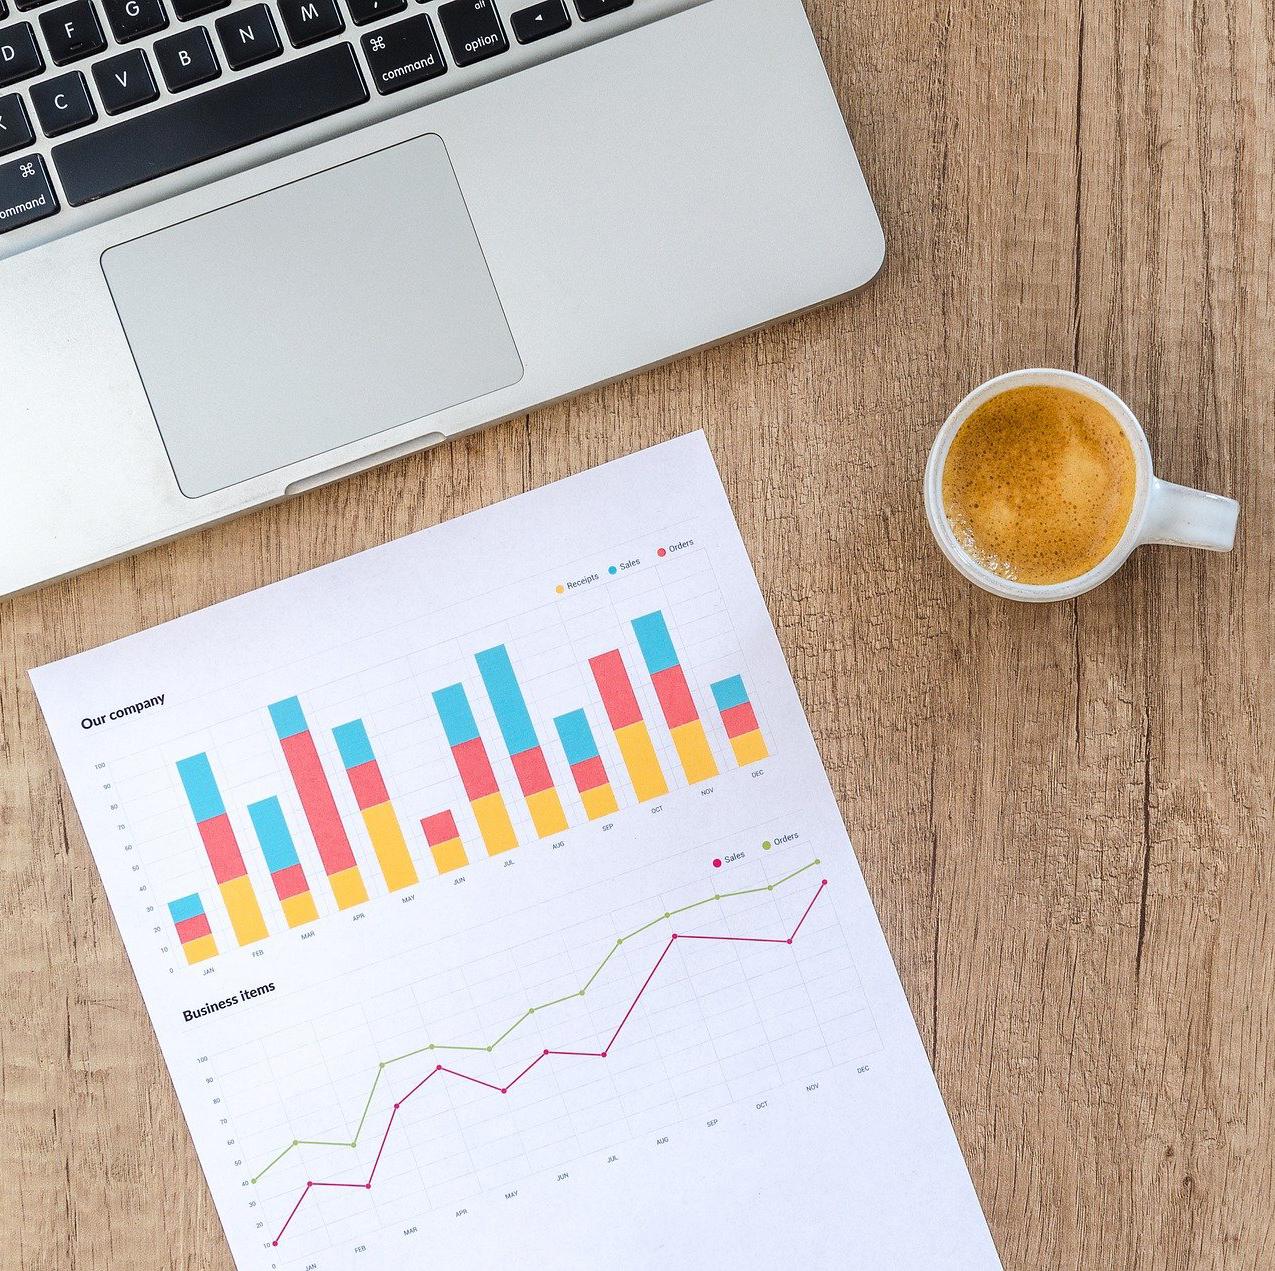 Computer met tas koffie en blad met grafieken